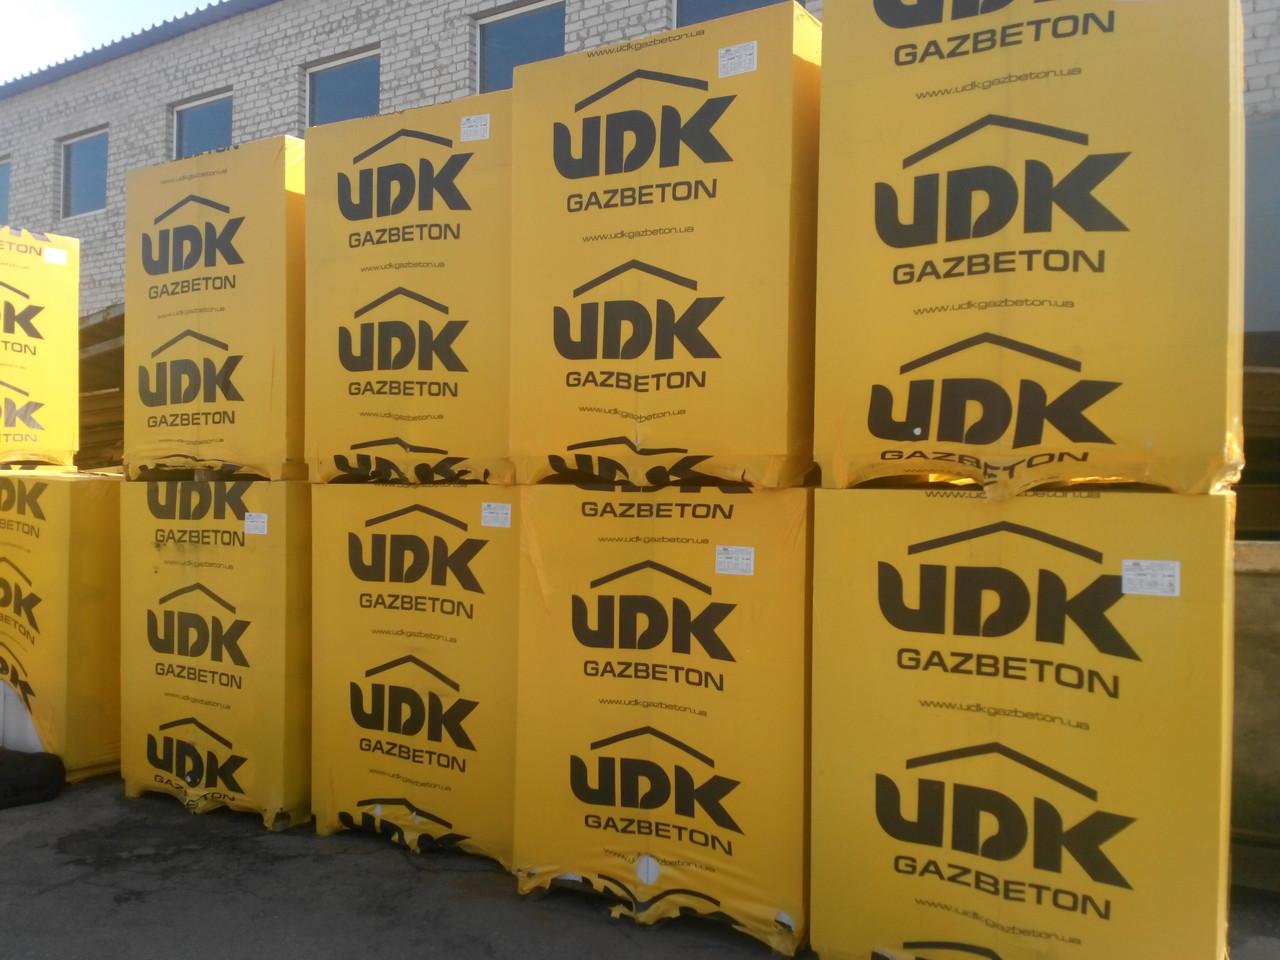 Газобетон, Газоблок, Газобетонные блоки стеновые UDK (ЮДК) SuperBlock 400 - Материалы для строительства и отделки стен в Харькове